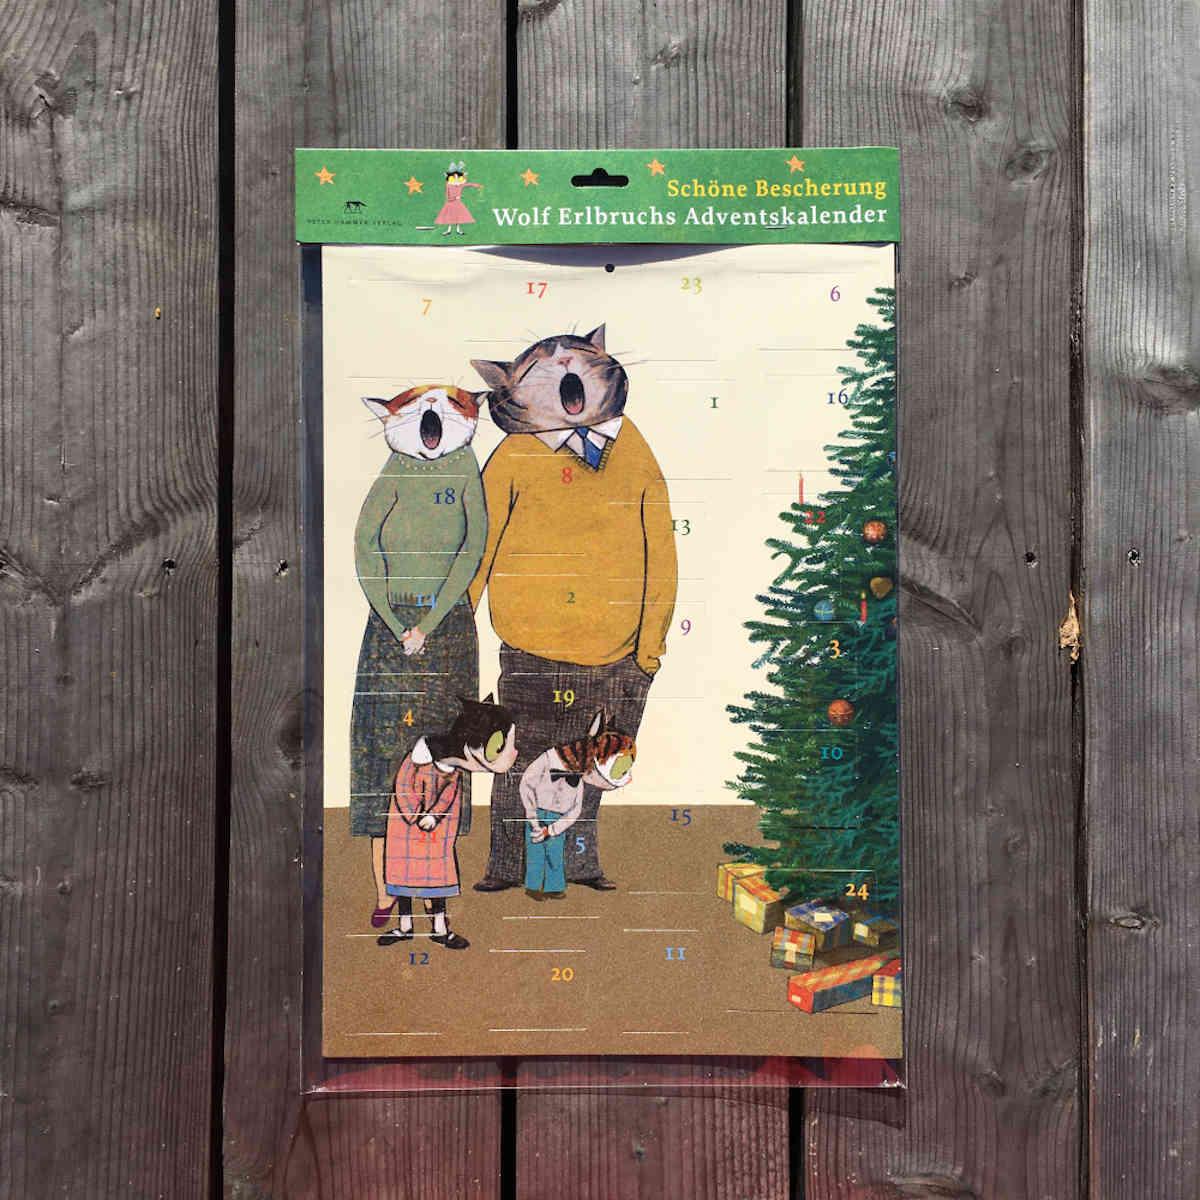 """Wolf Erlbruchs Adventskalender """"Schöne Bescherung"""" bringt uns lachend durch den Coronaadvent"""